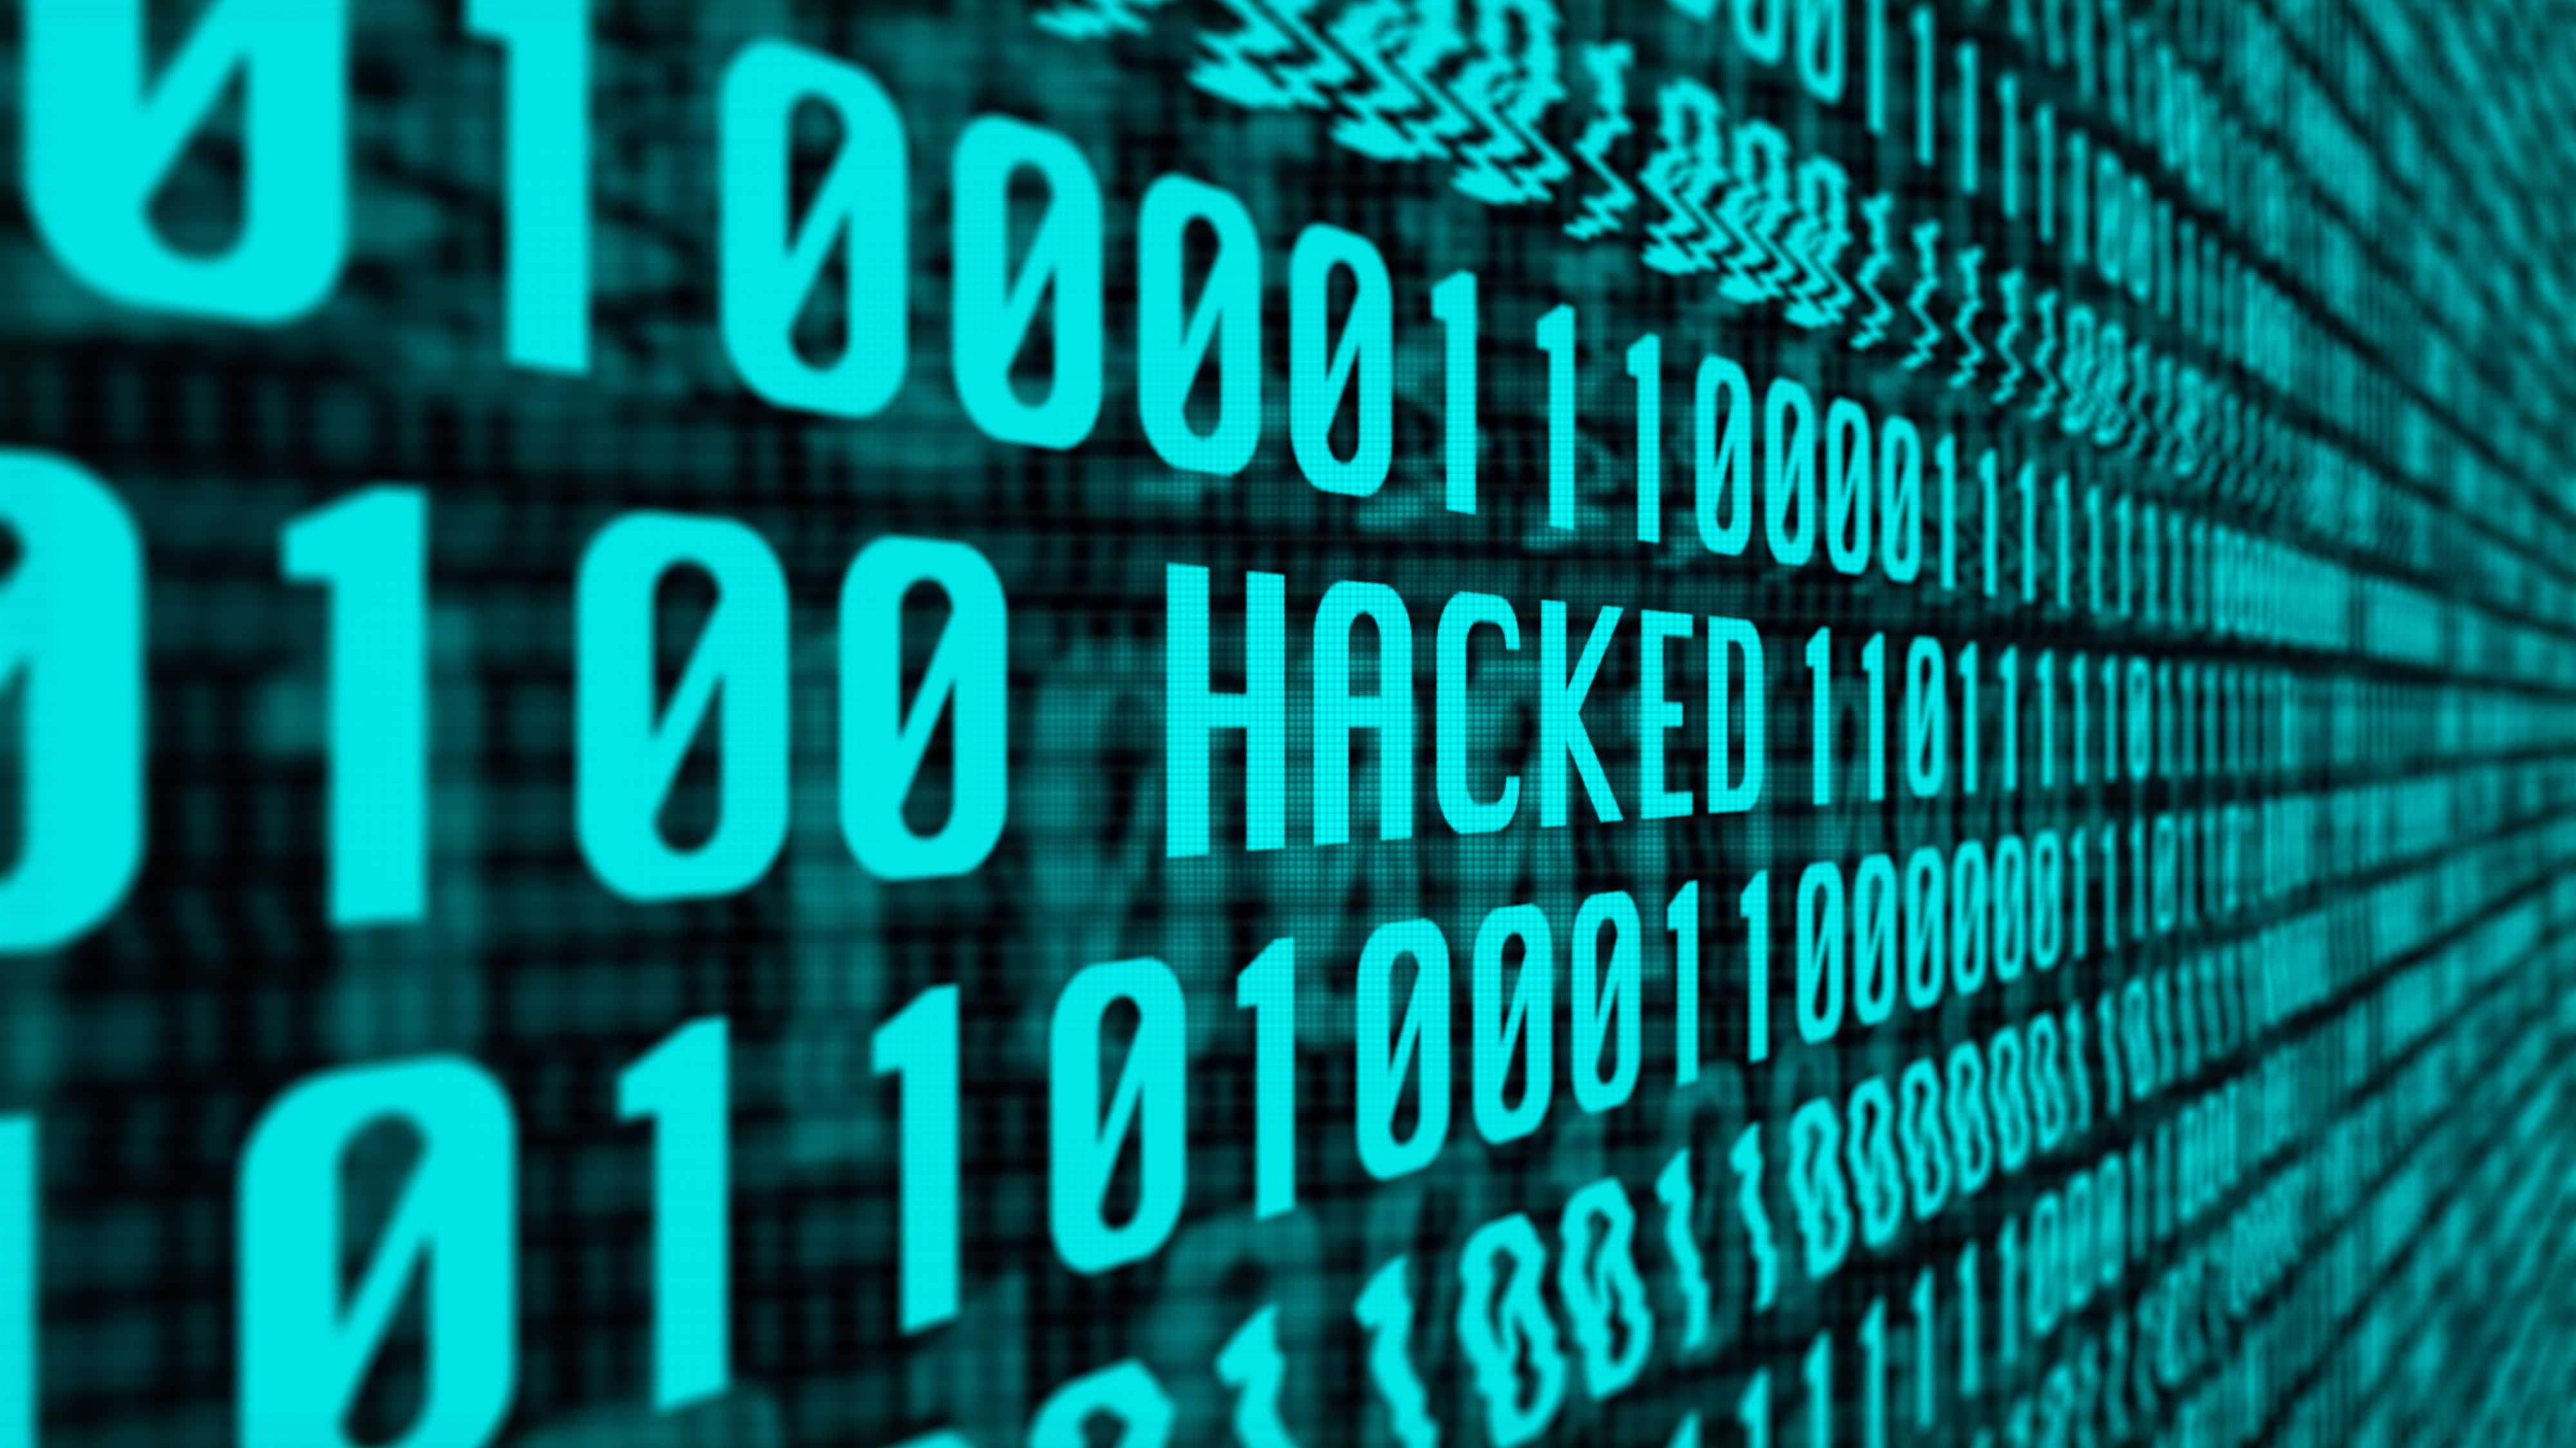 Hackerangriff auf Versorgungsunternehmen Technische Werke Ludwigshafen